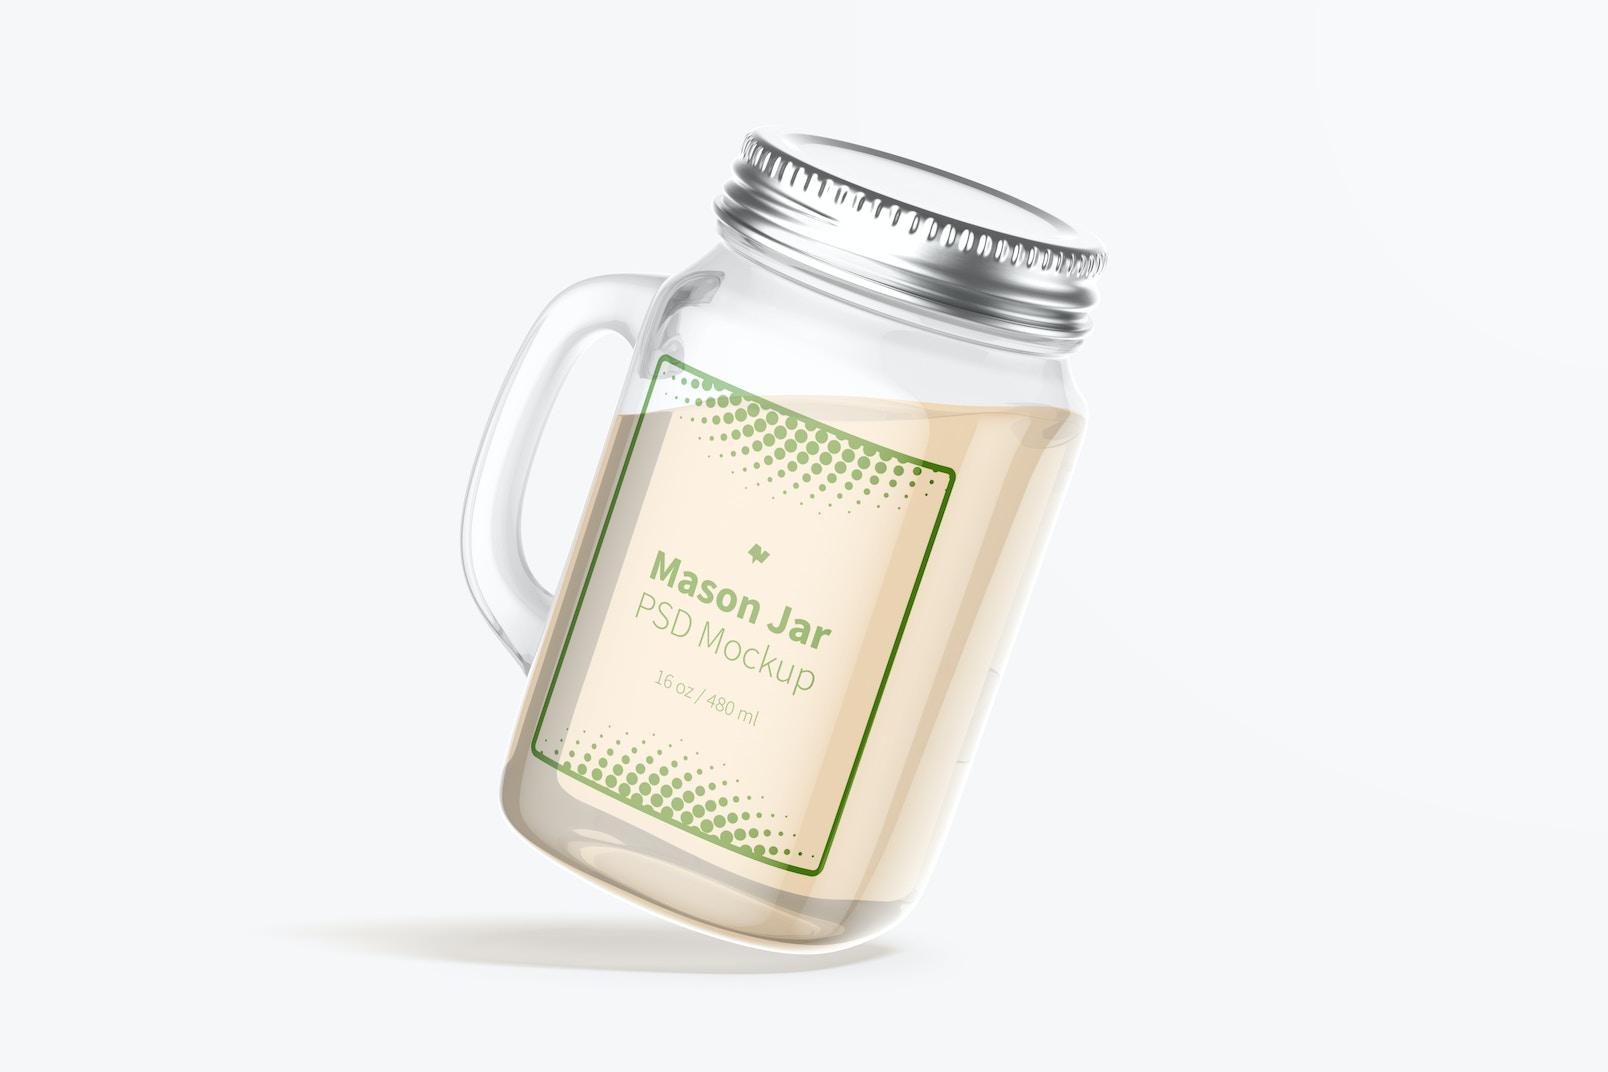 Maqueta de Mason Jar de 16 oz, Flotando